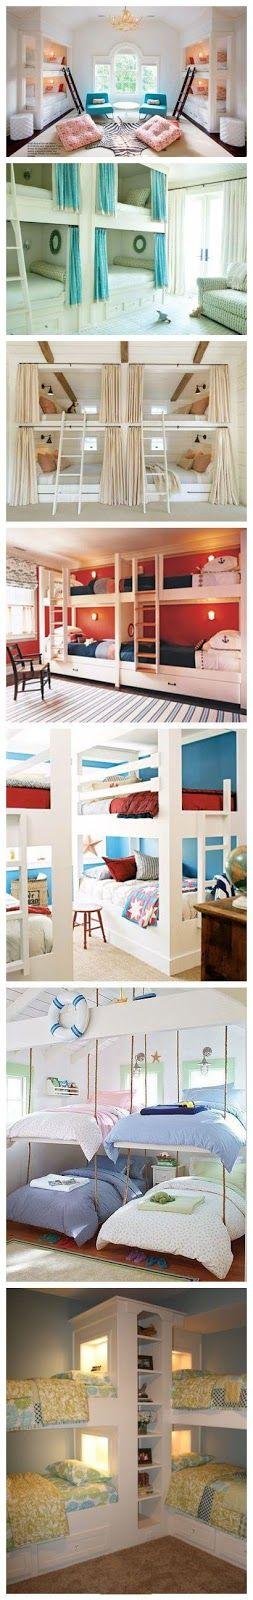 Decorar quartos com beliche é uma solução para espaços pequenos principalmente para quartos de crianças e adolescentes ou casas de praia e sítio que sempre recebem muitas visitas ao mesmo tempo.